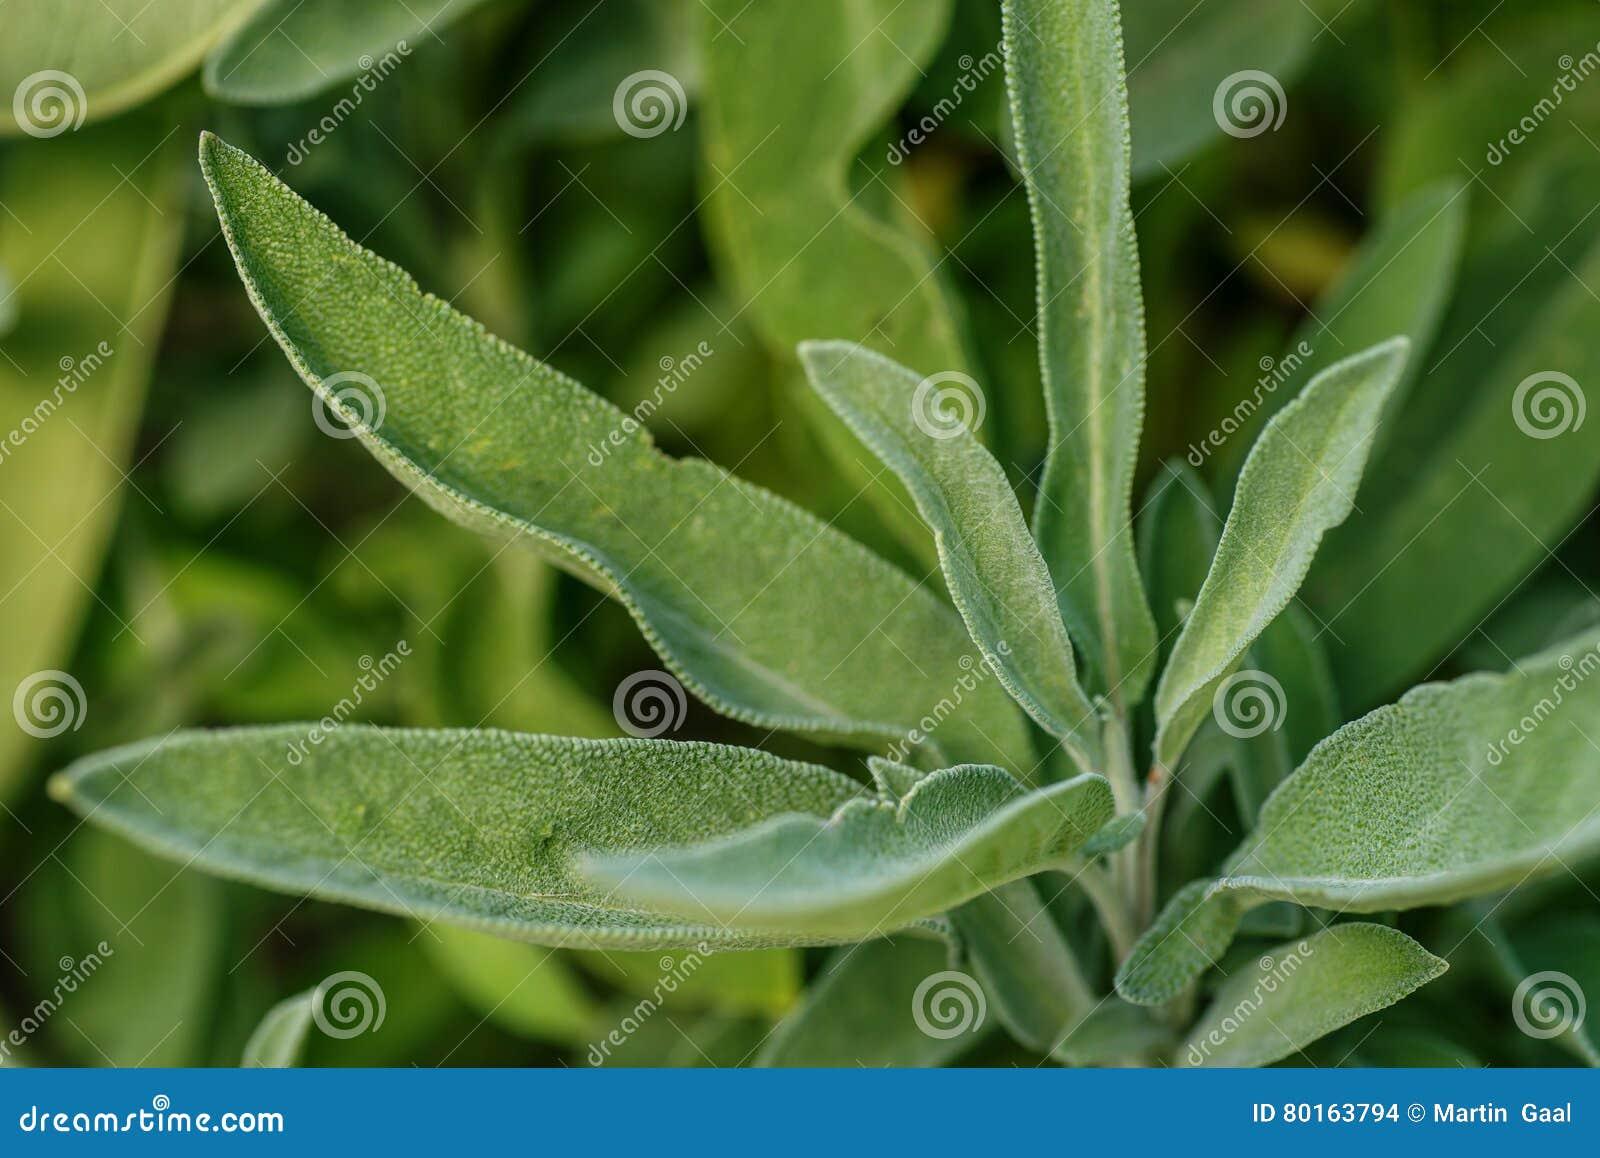 Il Fondo Di Salvia Verde Lascia Nel Giardino Erbe Aromatiche